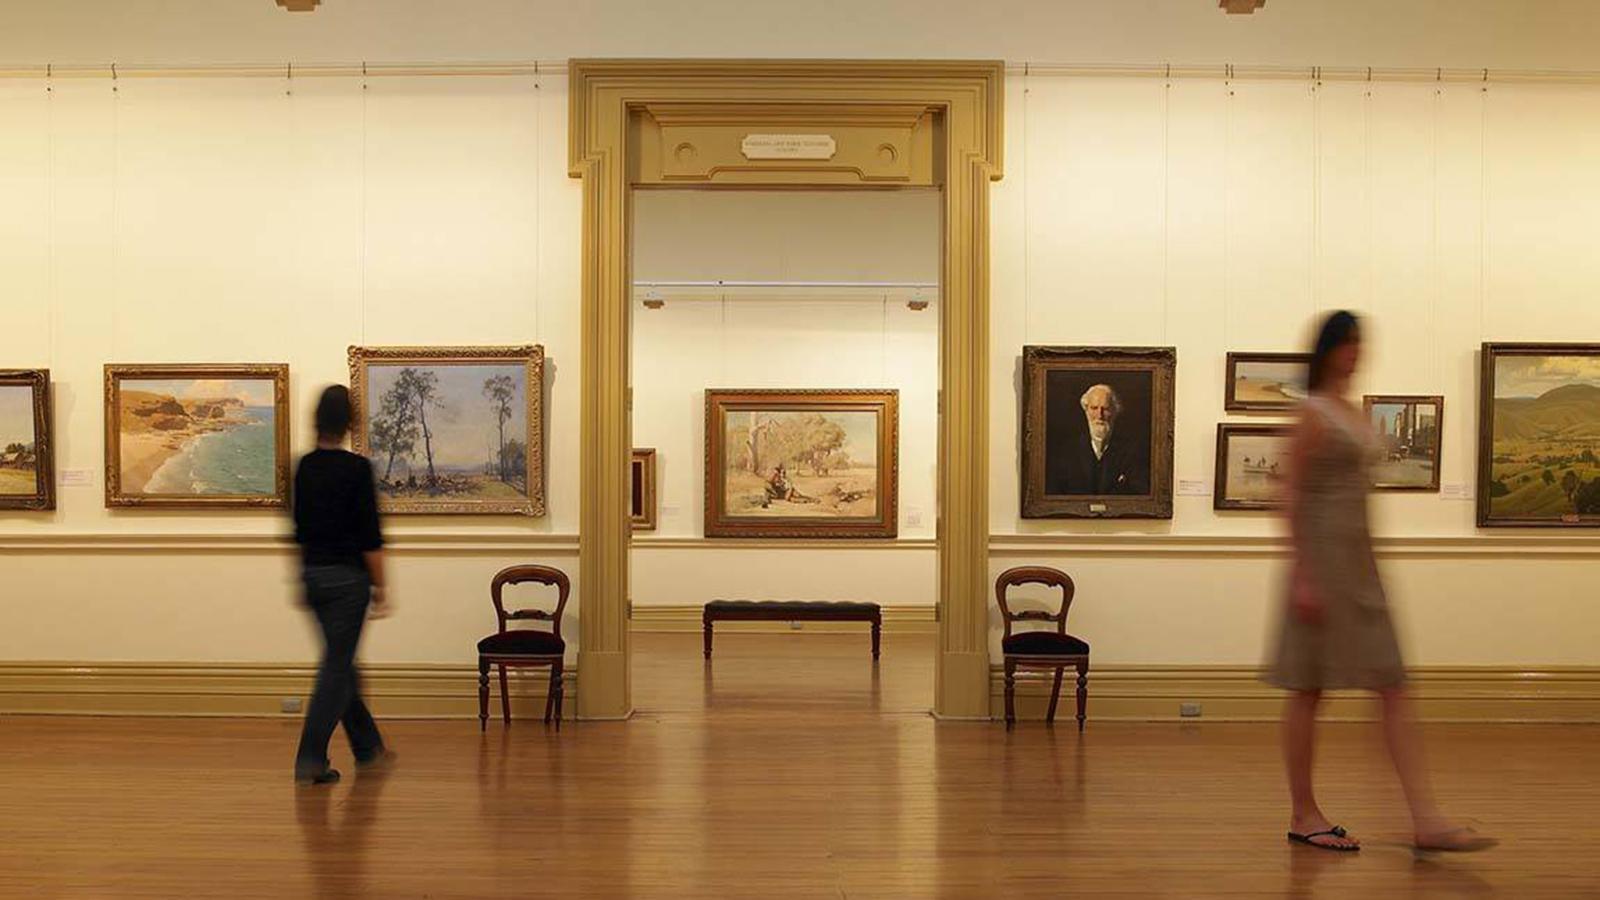 Ballarat Art Gallery, Goldfields, Victoria, Australia